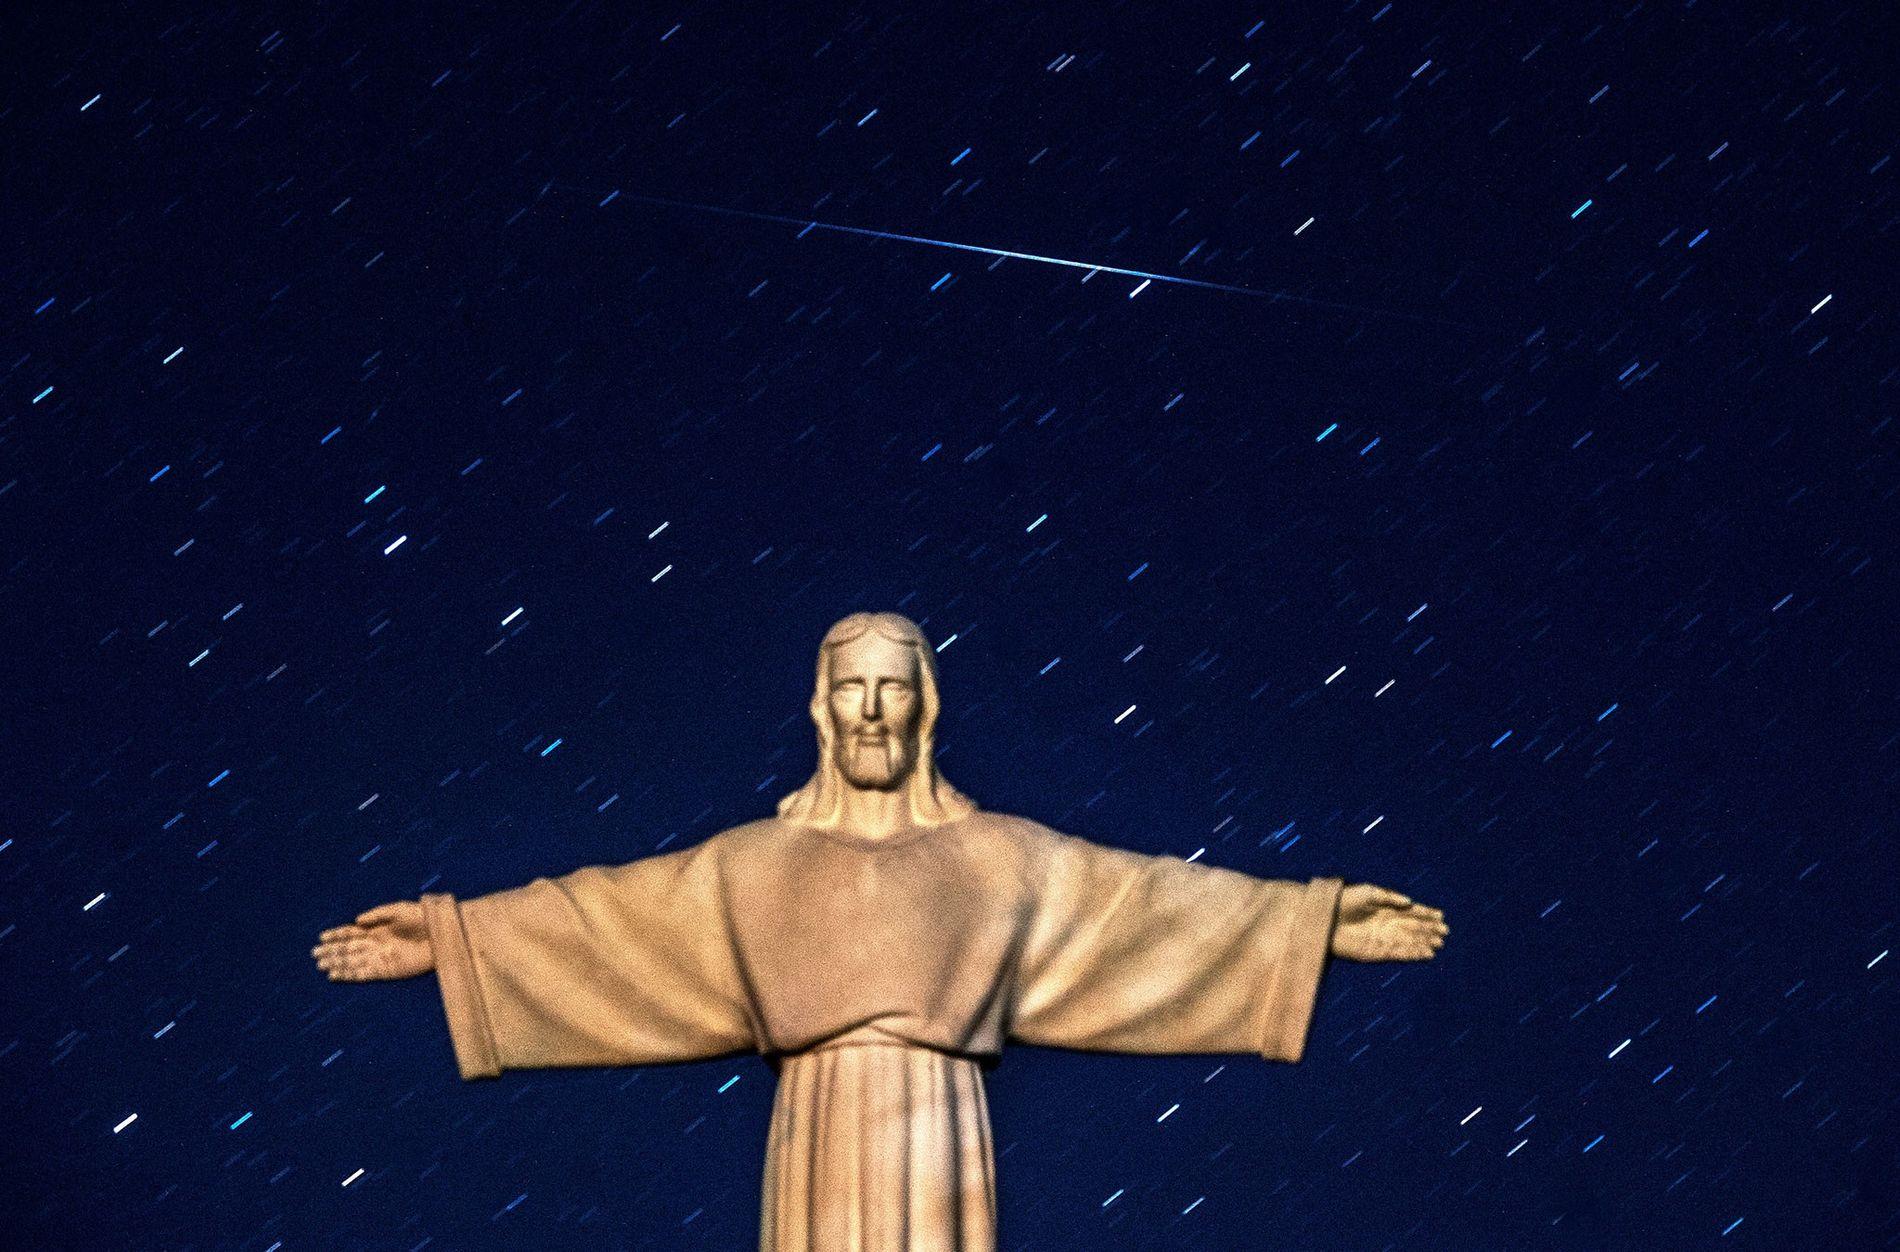 Le 13 août 2016, une météore des Perséïdes traverse le ciel nocturne au-dessus d'une statue de ...